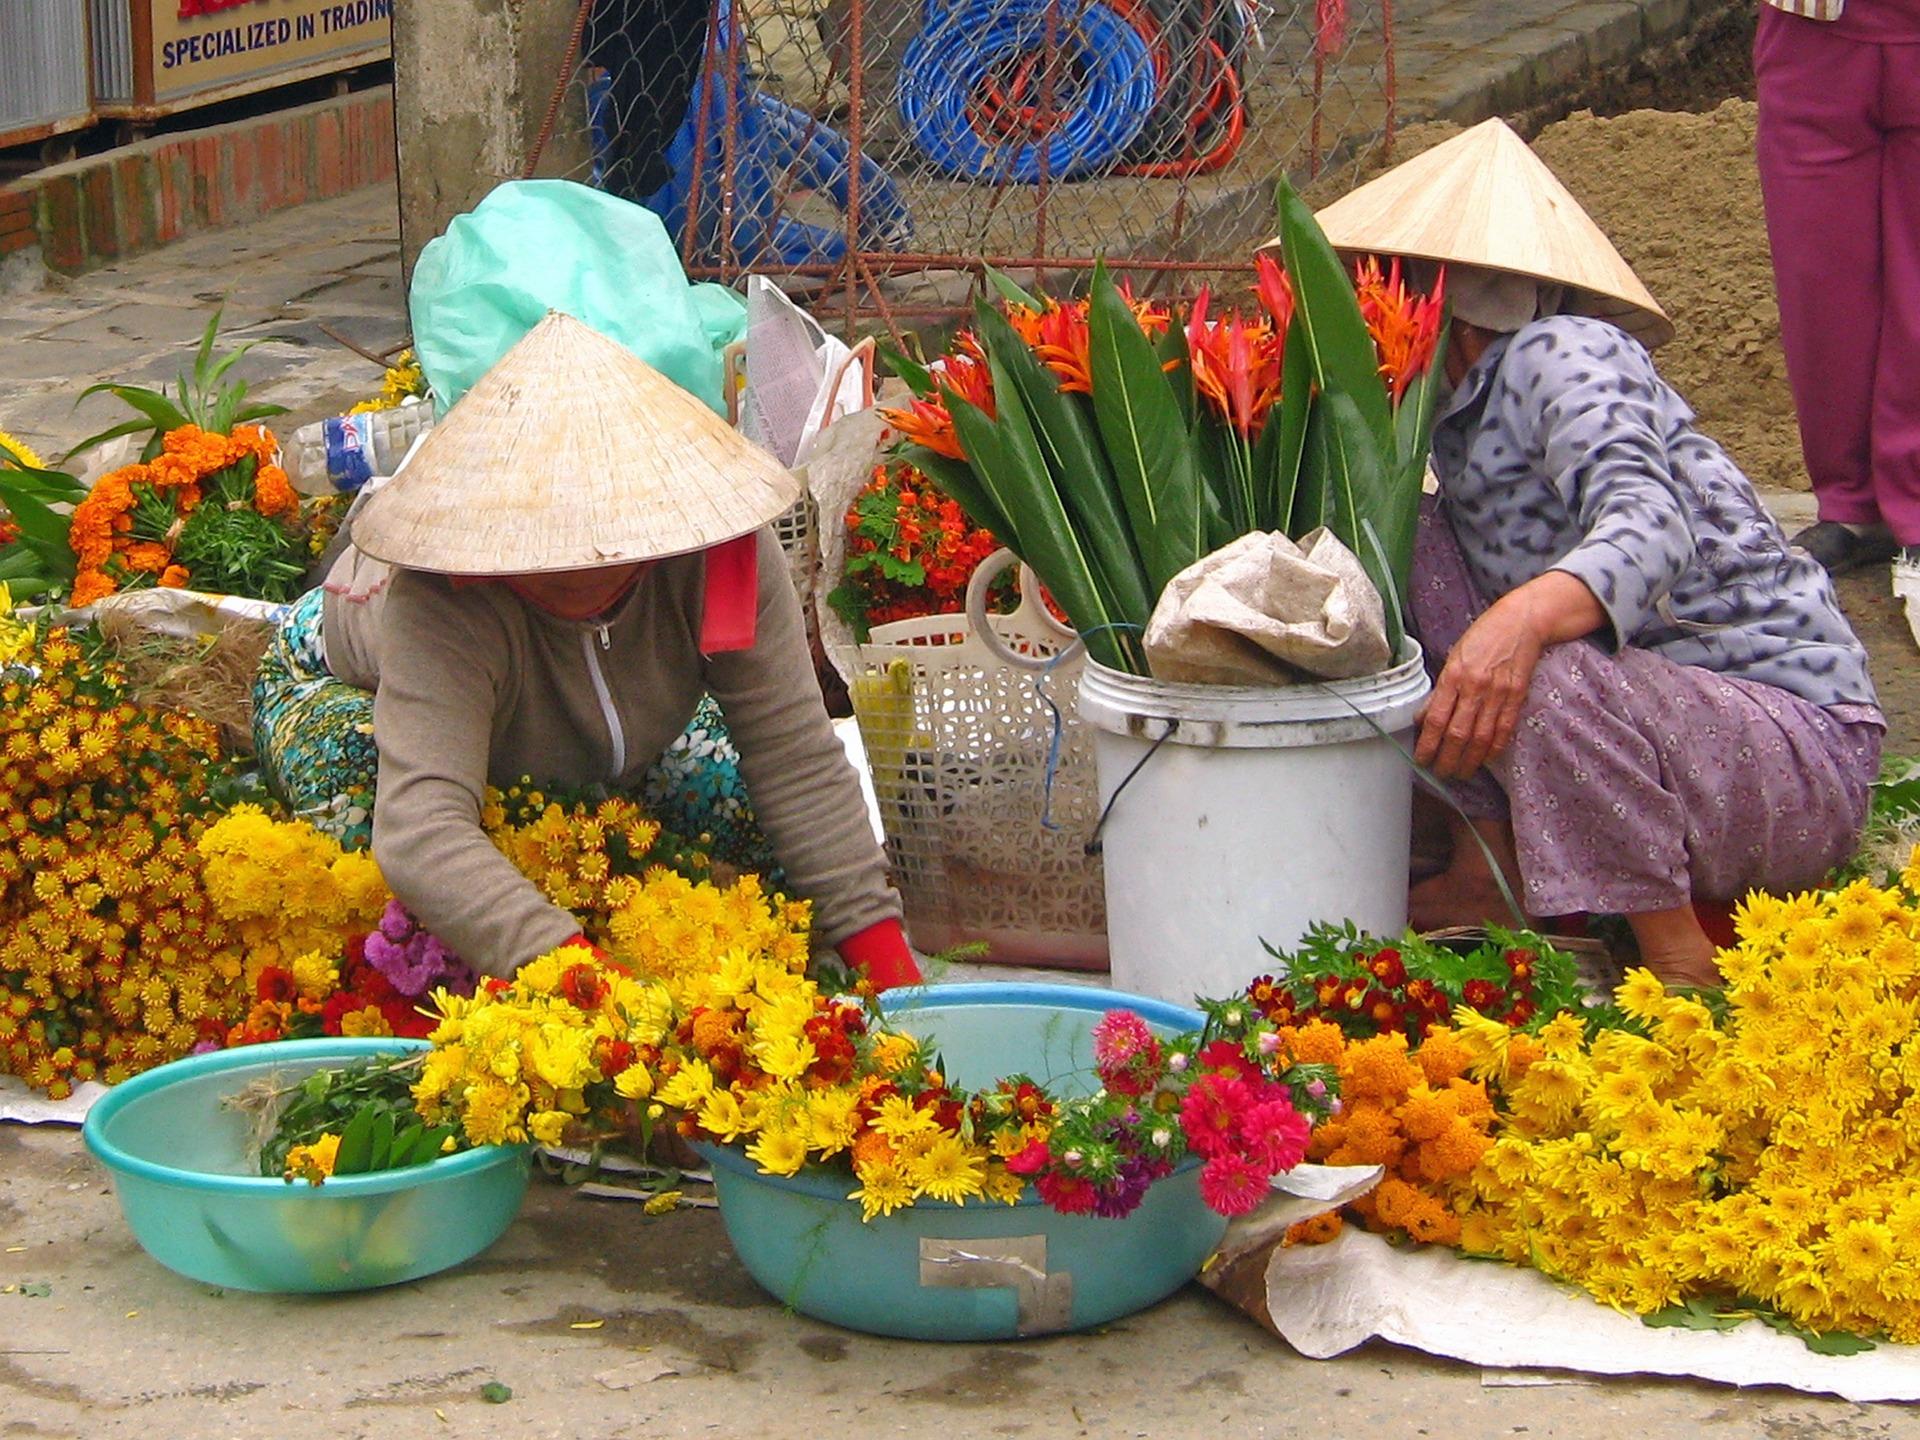 ベトナムへ30日以内に再入国するために知っておくべきこと